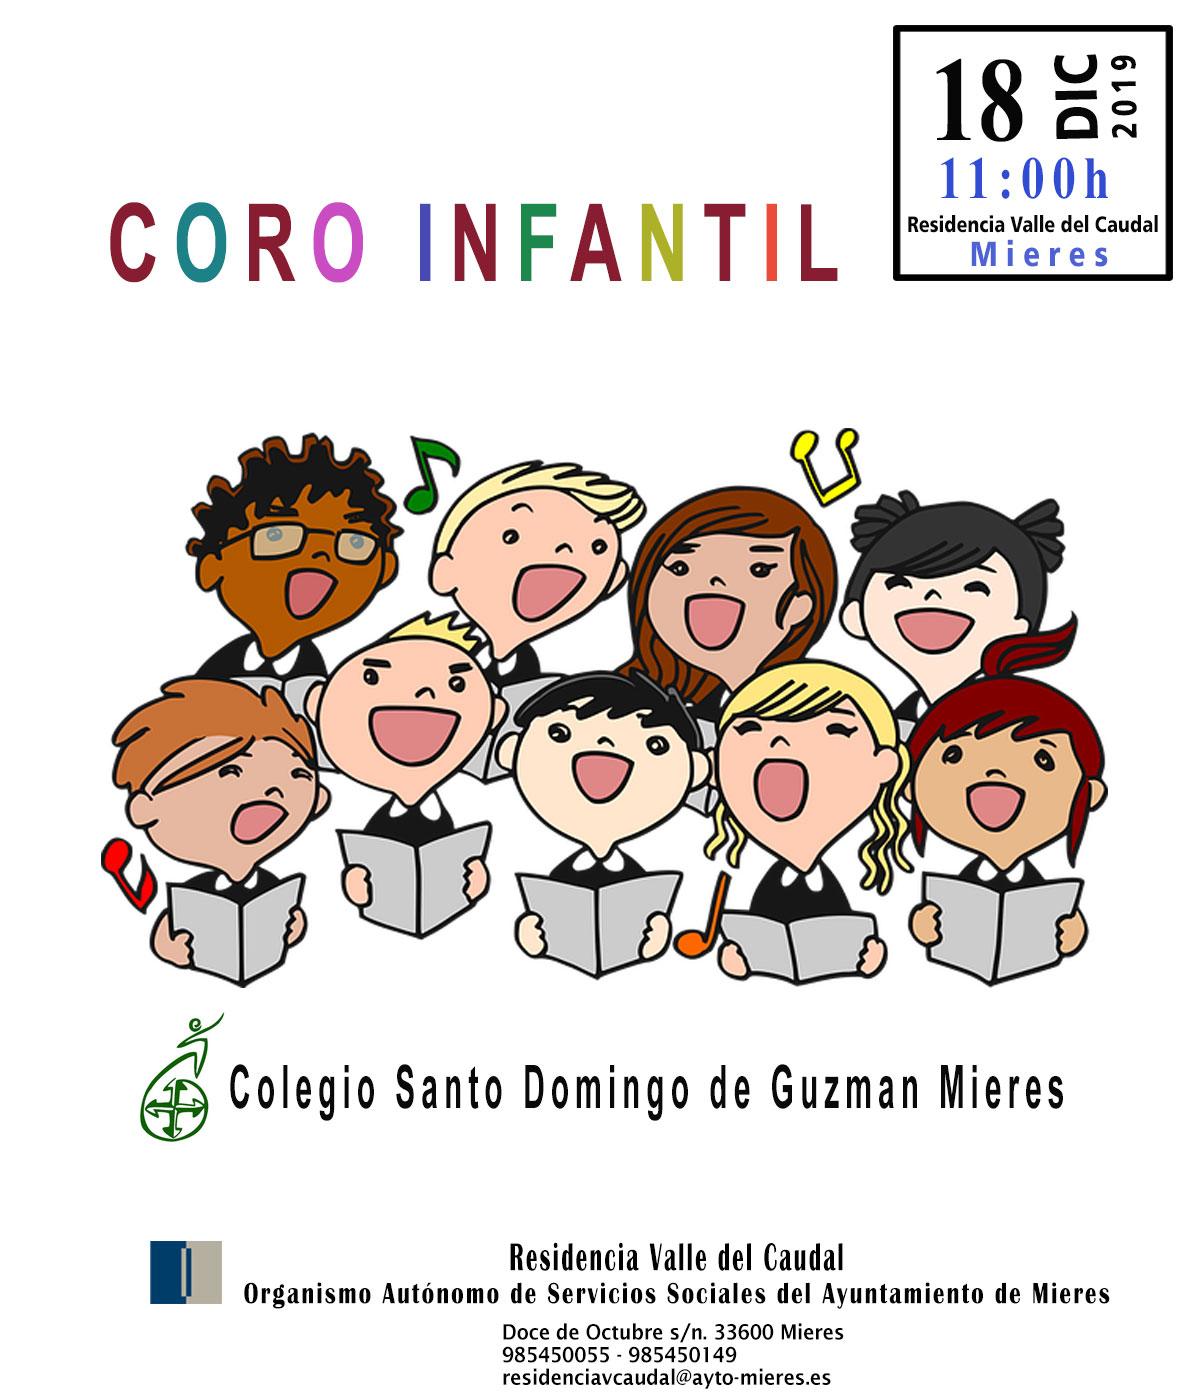 020 Cartel Coro Infantil Colegio Santo Domingo De Guzman Para Web